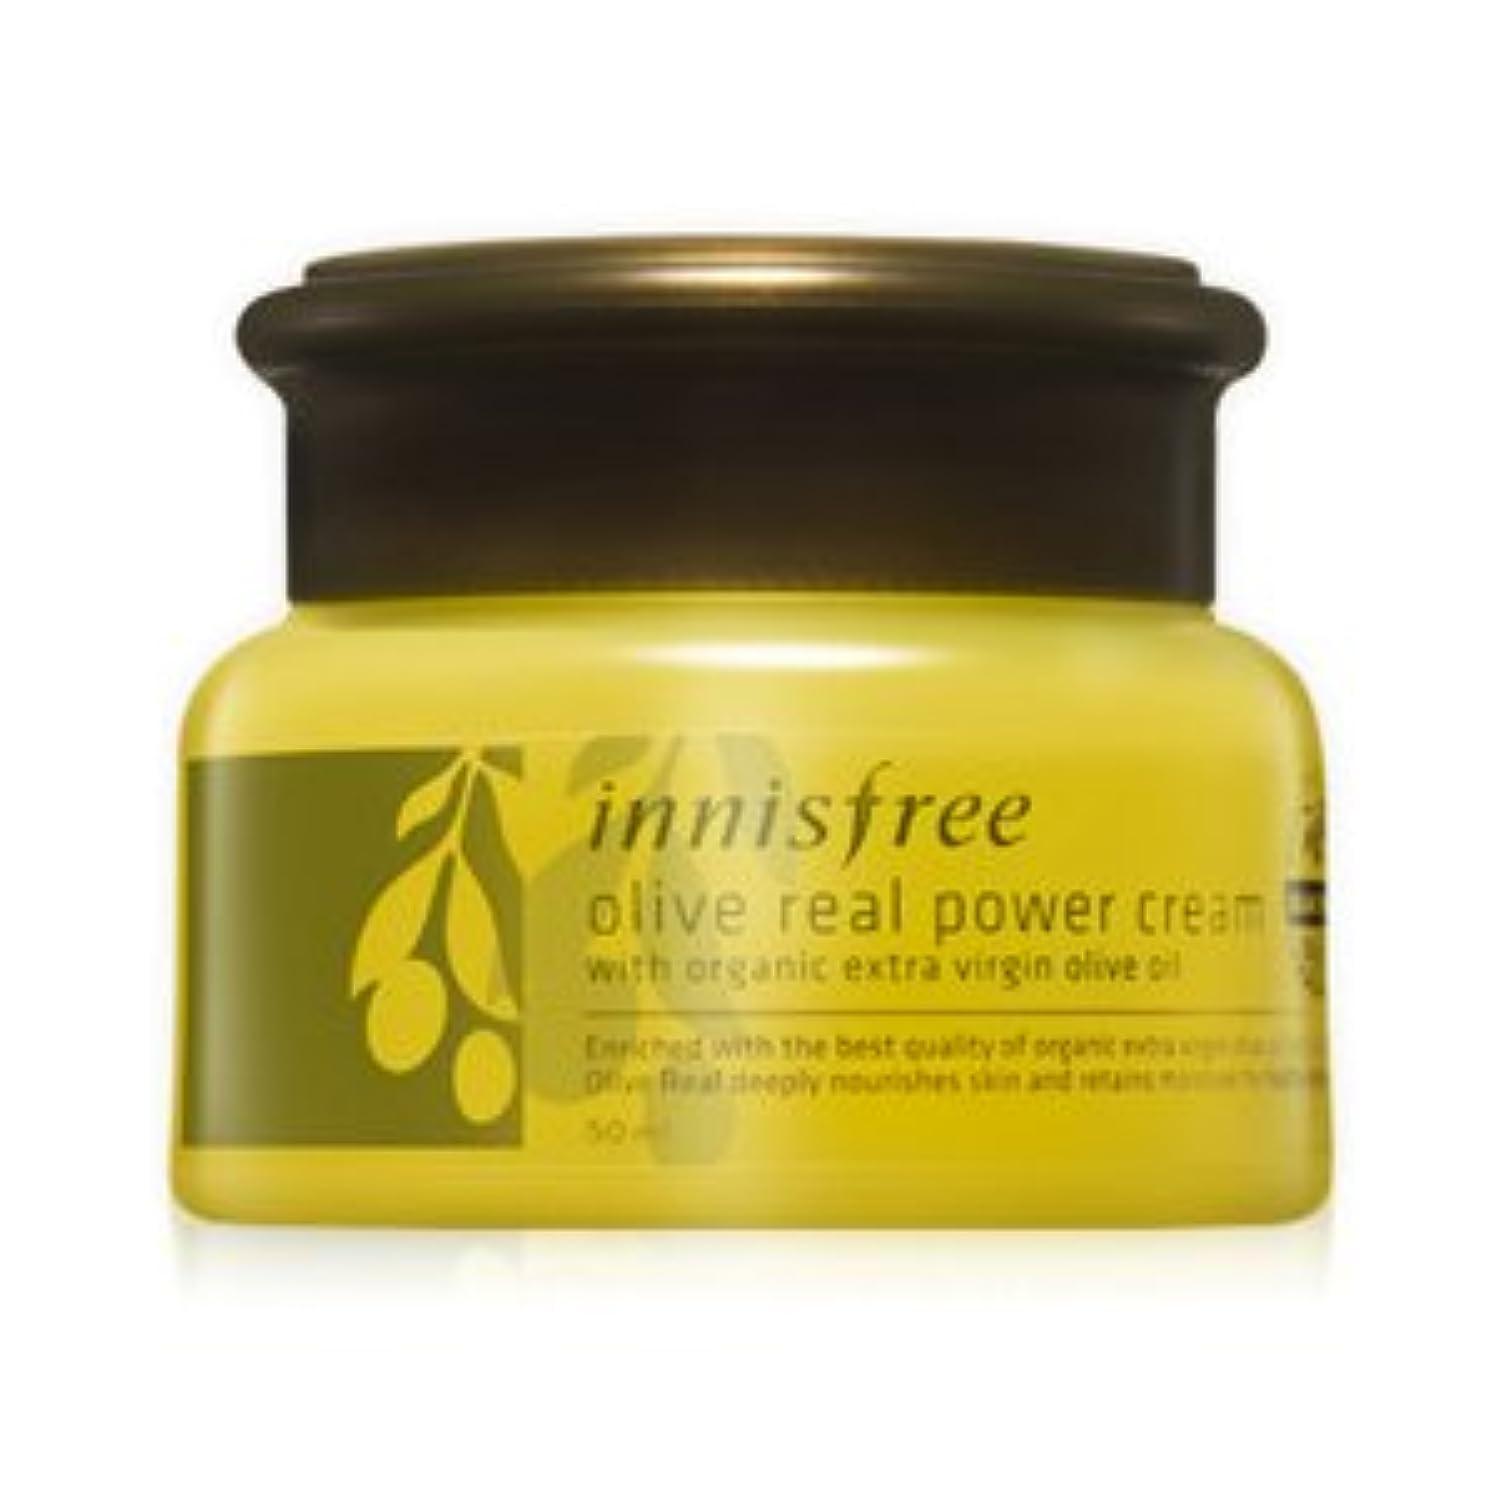 値フロントプレビューinnisfree(イニスフリー) 強力保湿 オリーブ リアル パワー クリーム 艶やかな肌 50ml